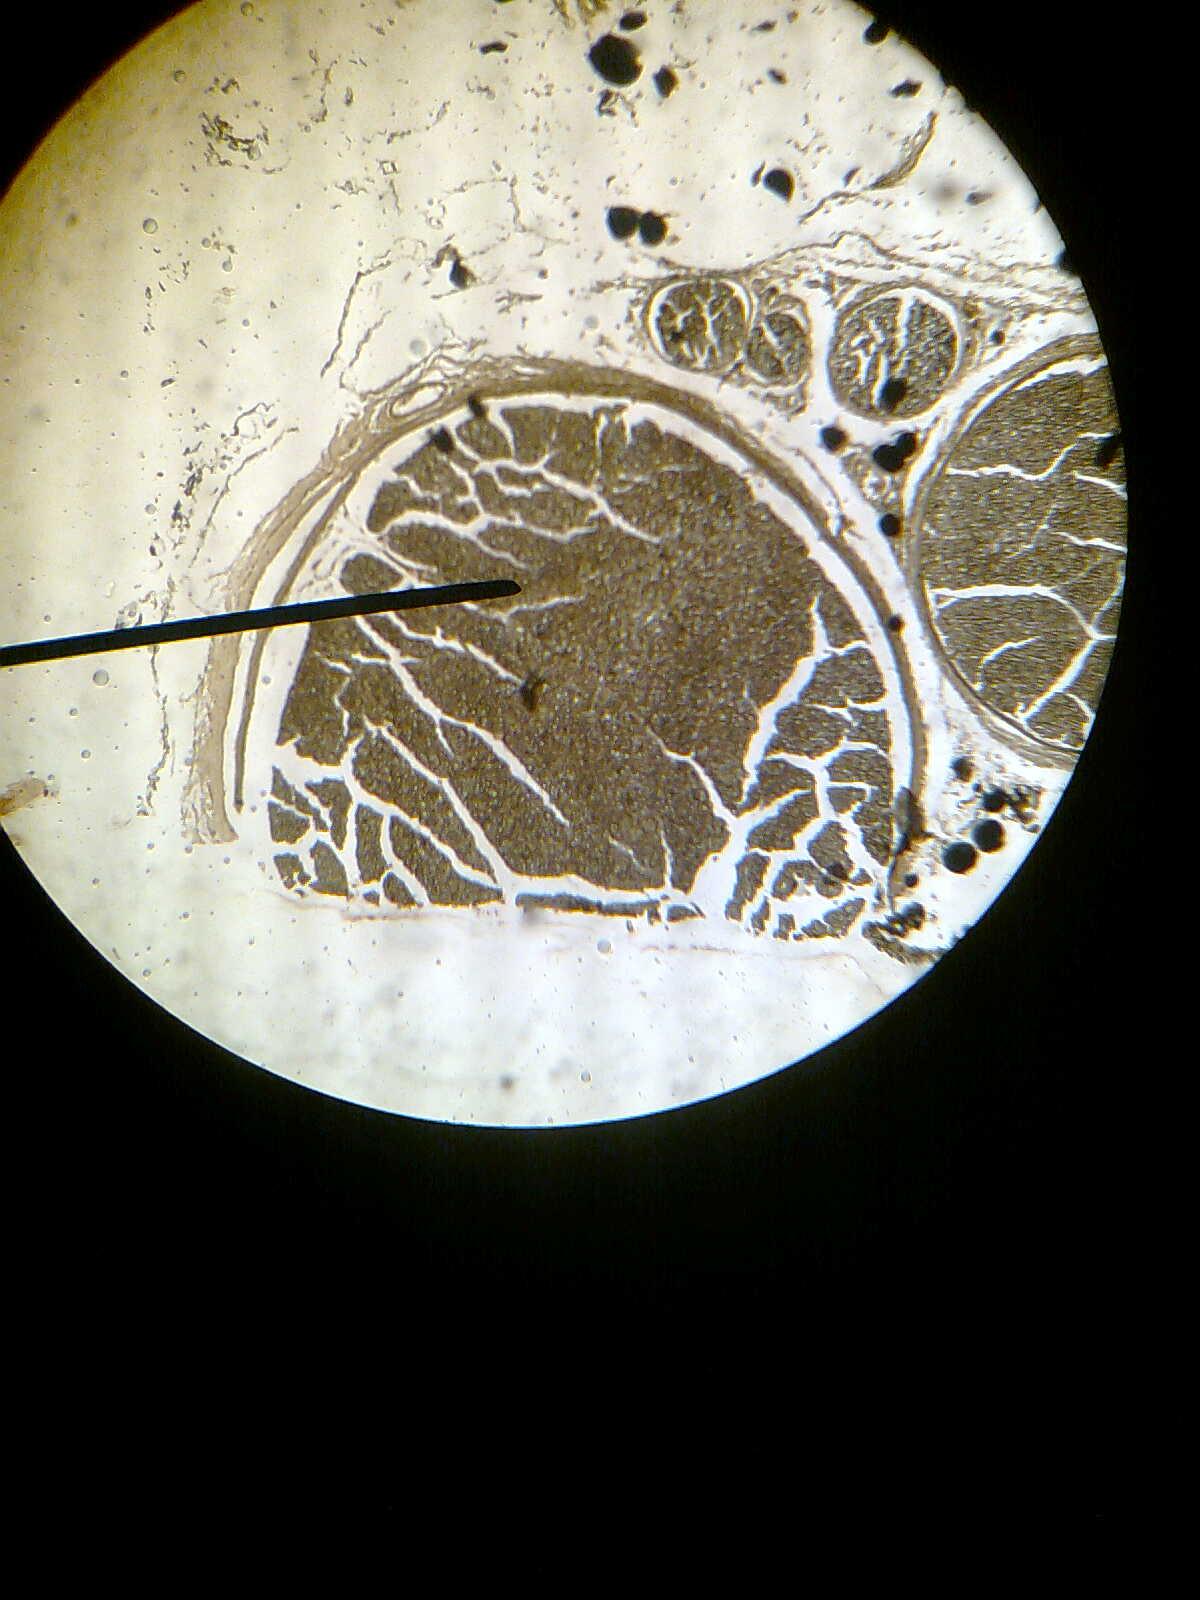 Je suis alia aqilah, et vous? =): Histology slide - E.M